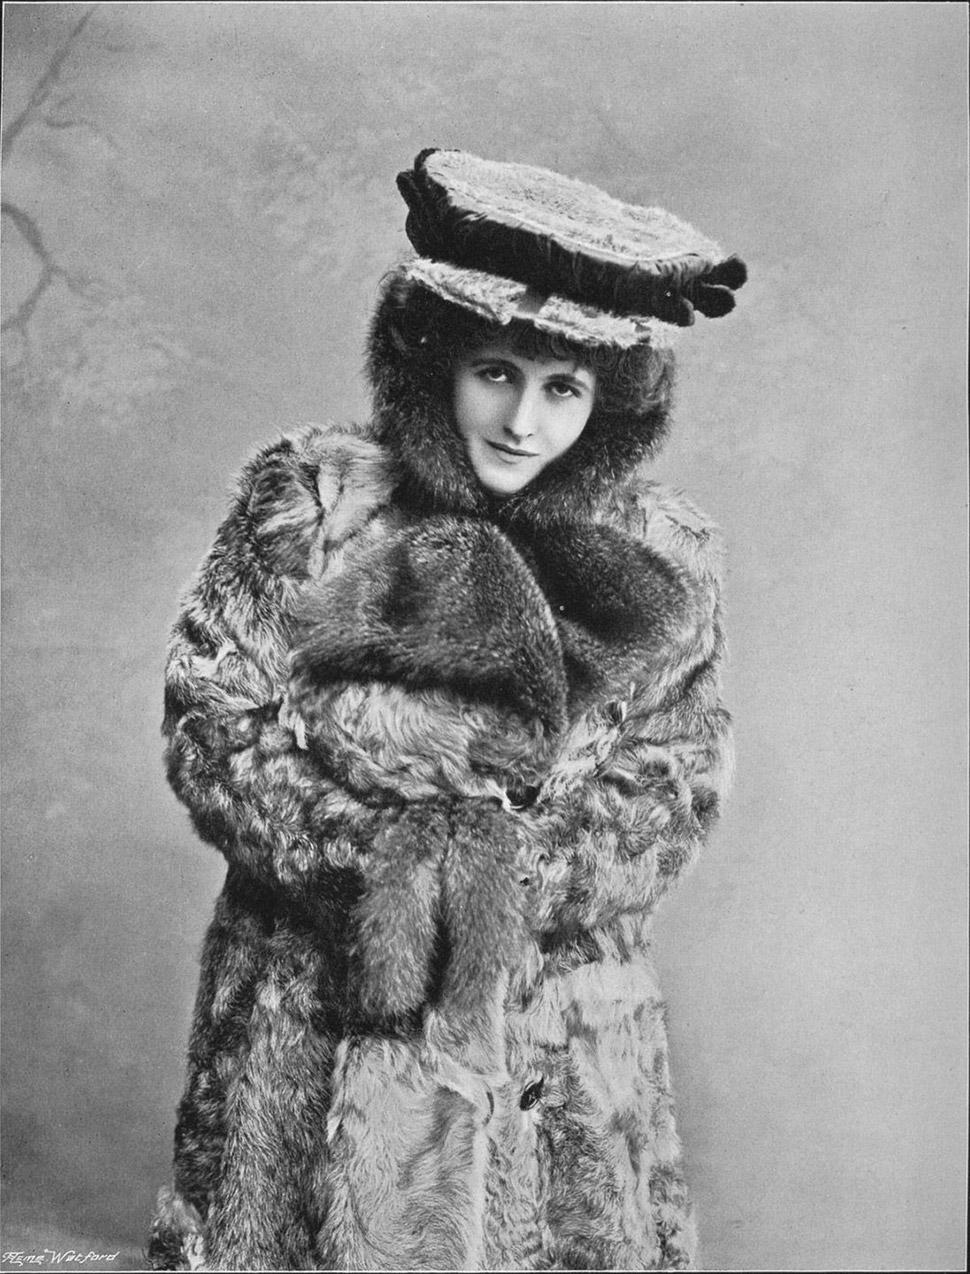 1903 год. Фото: THE PRINT COLLECTOR/GETTY IMAGES. По мере того как машины становились более дешевыми